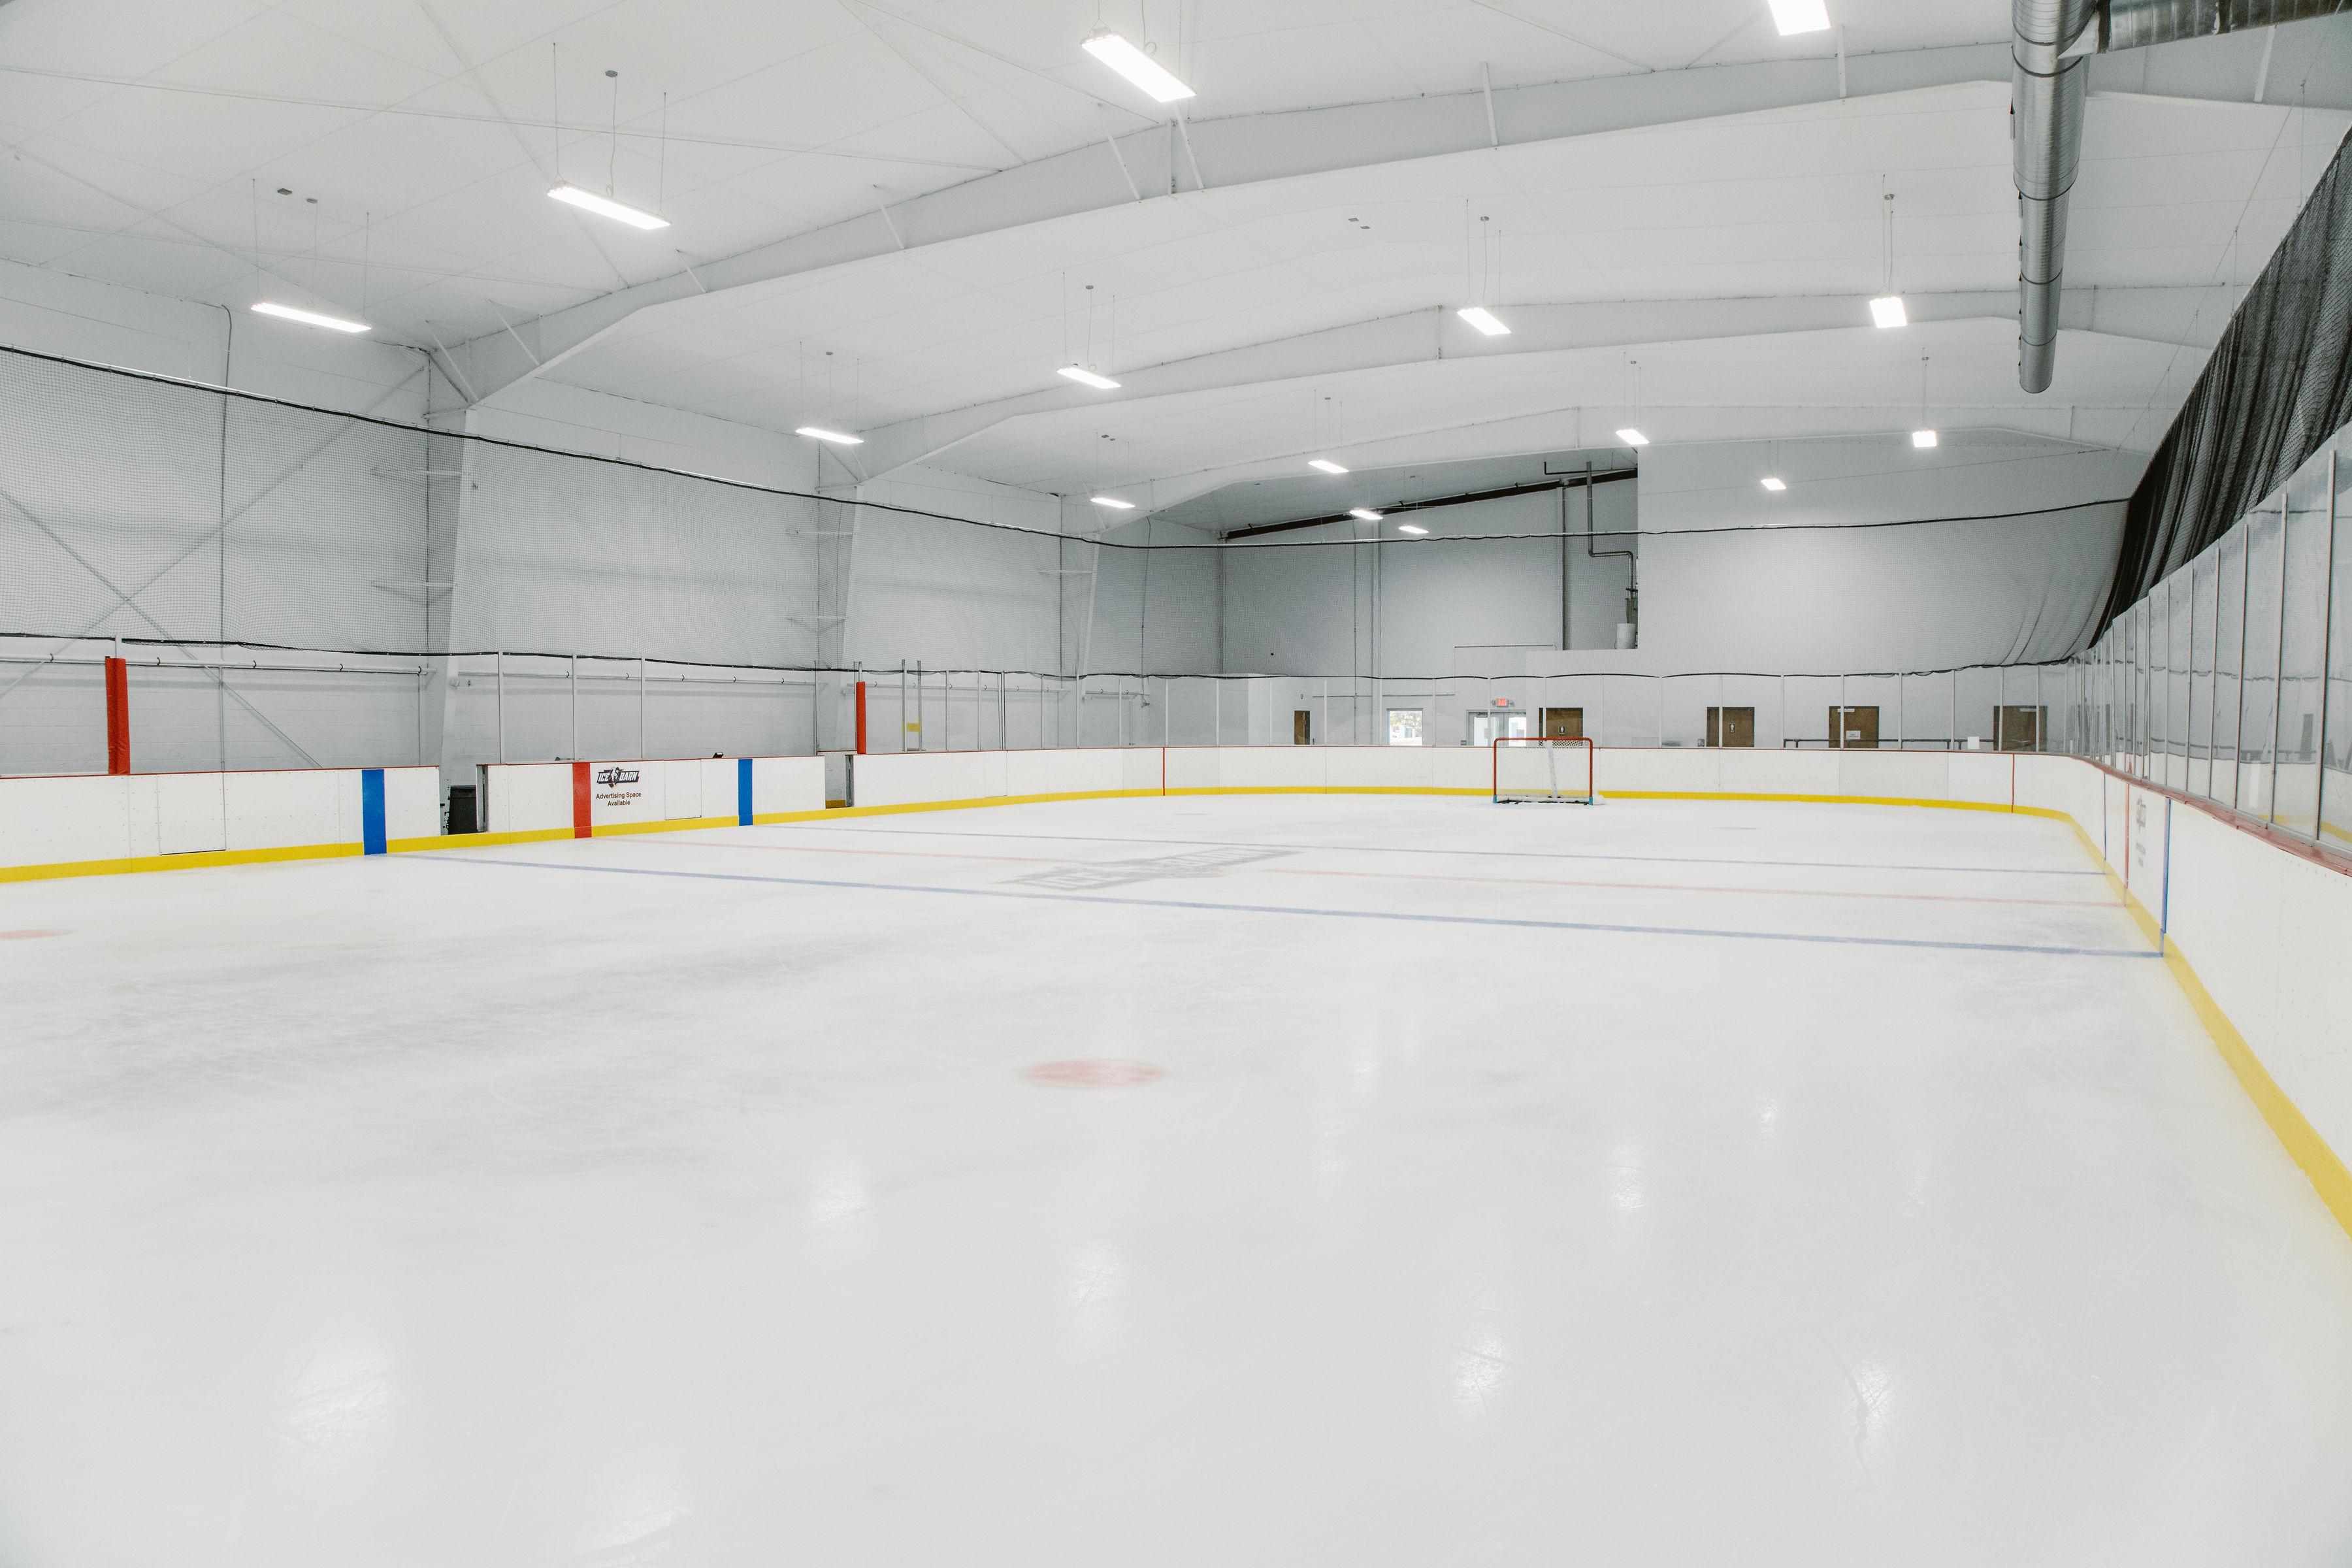 IceBarn20-26 (1)